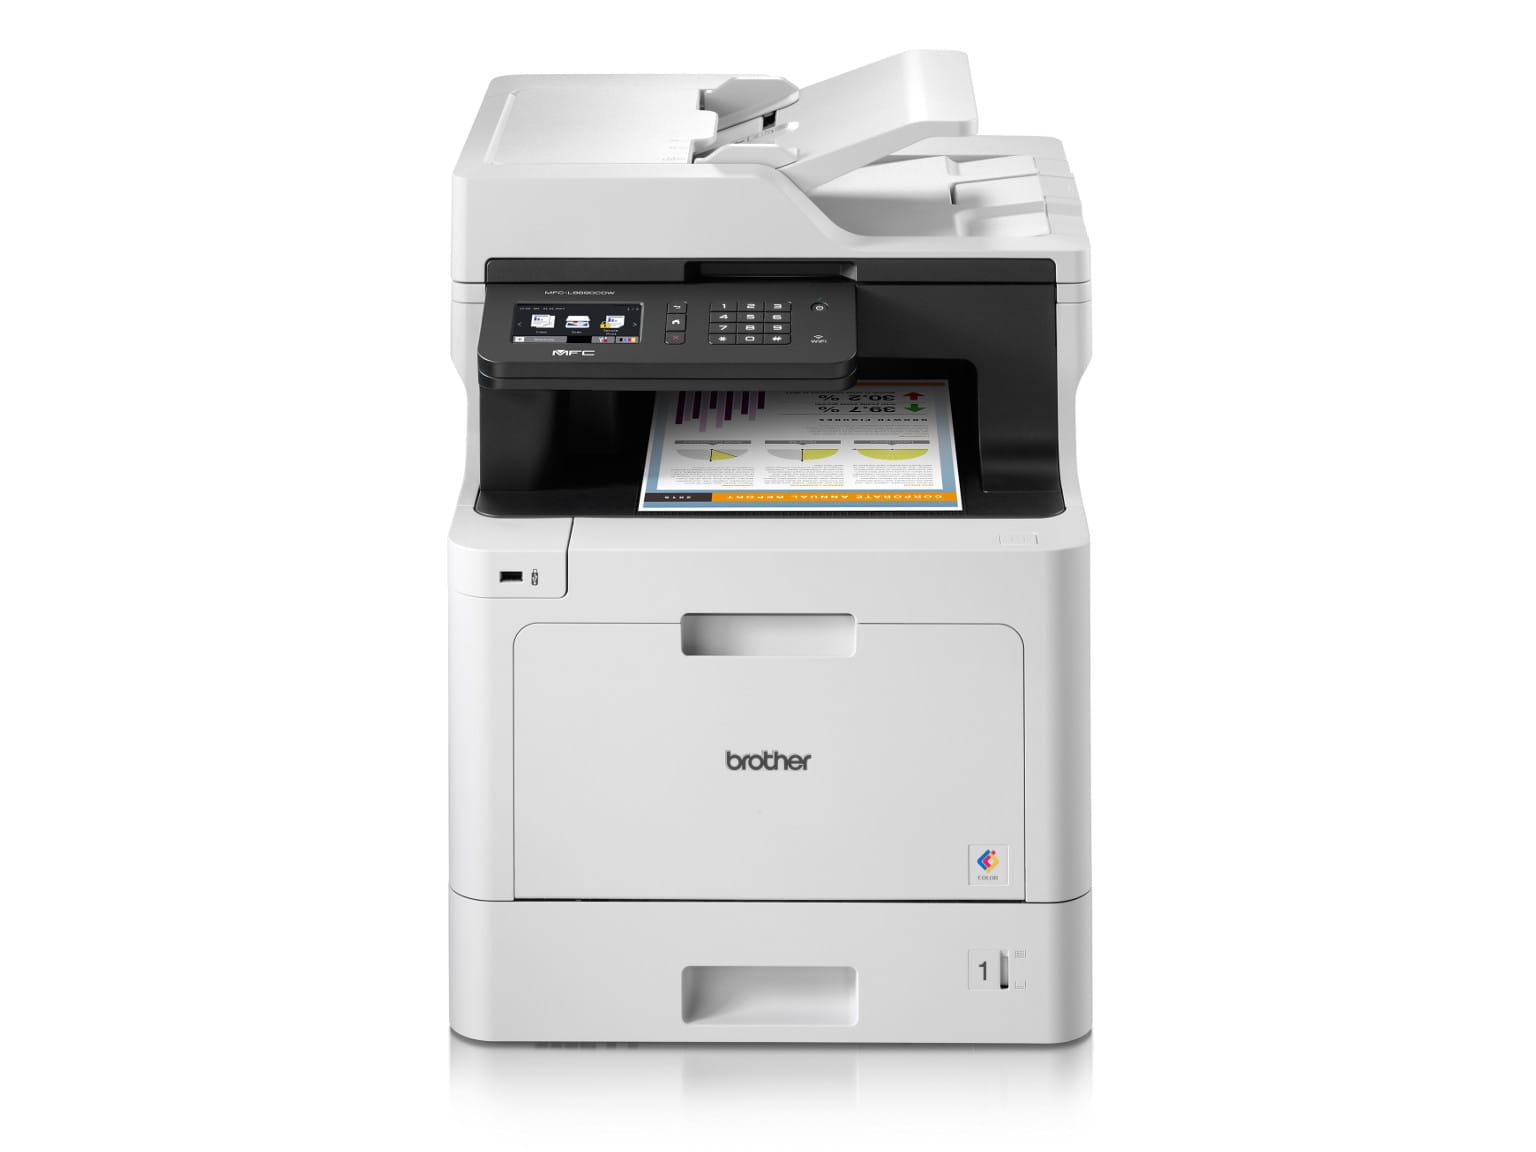 Impresoras multifunción láser color MFC-L8690CDW Brother